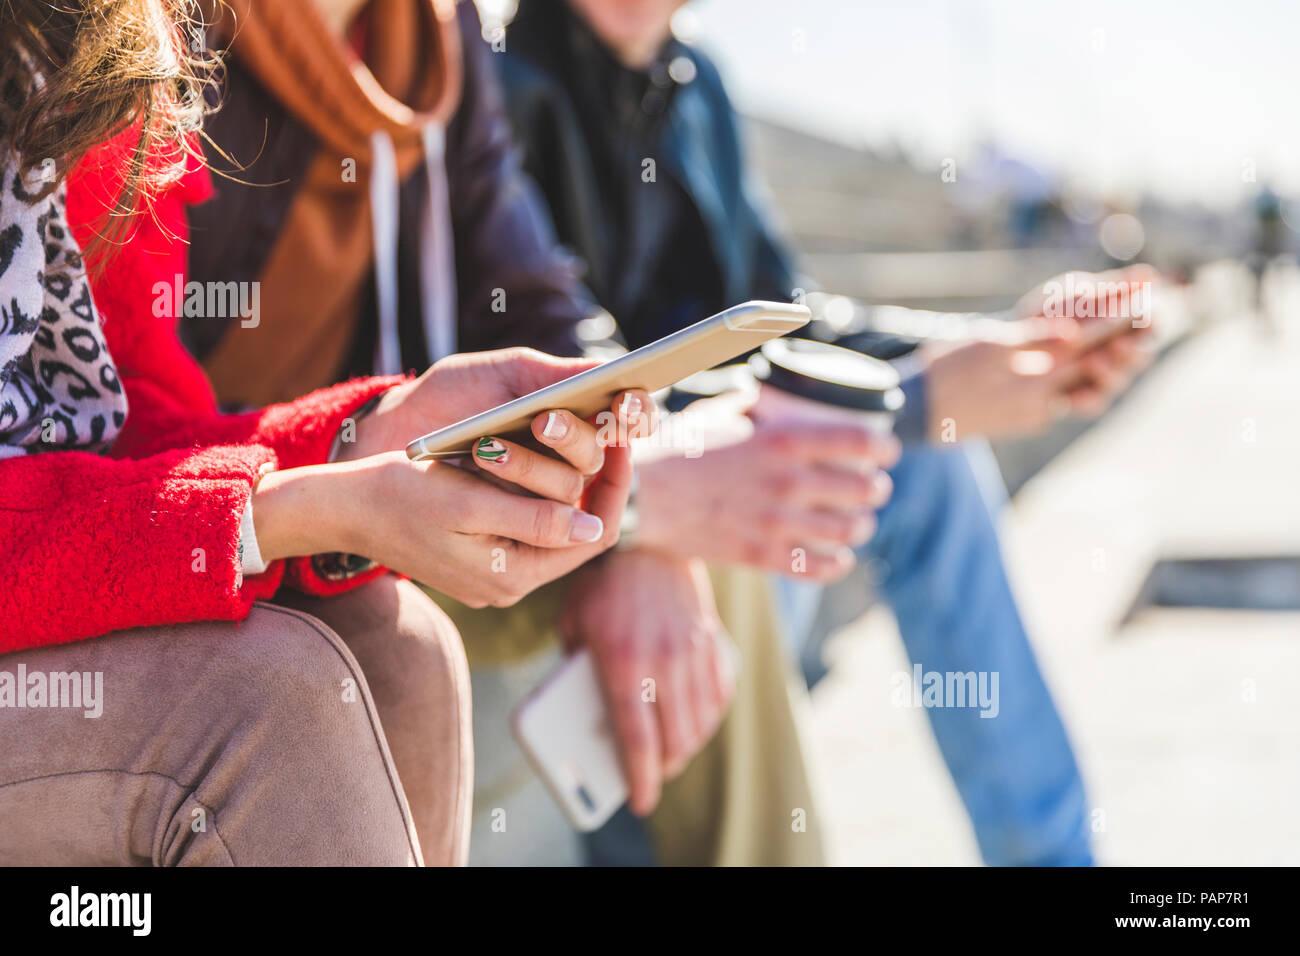 Rusia, Moscú, manos sosteniendo los smartphones y escribiendo Foto de stock